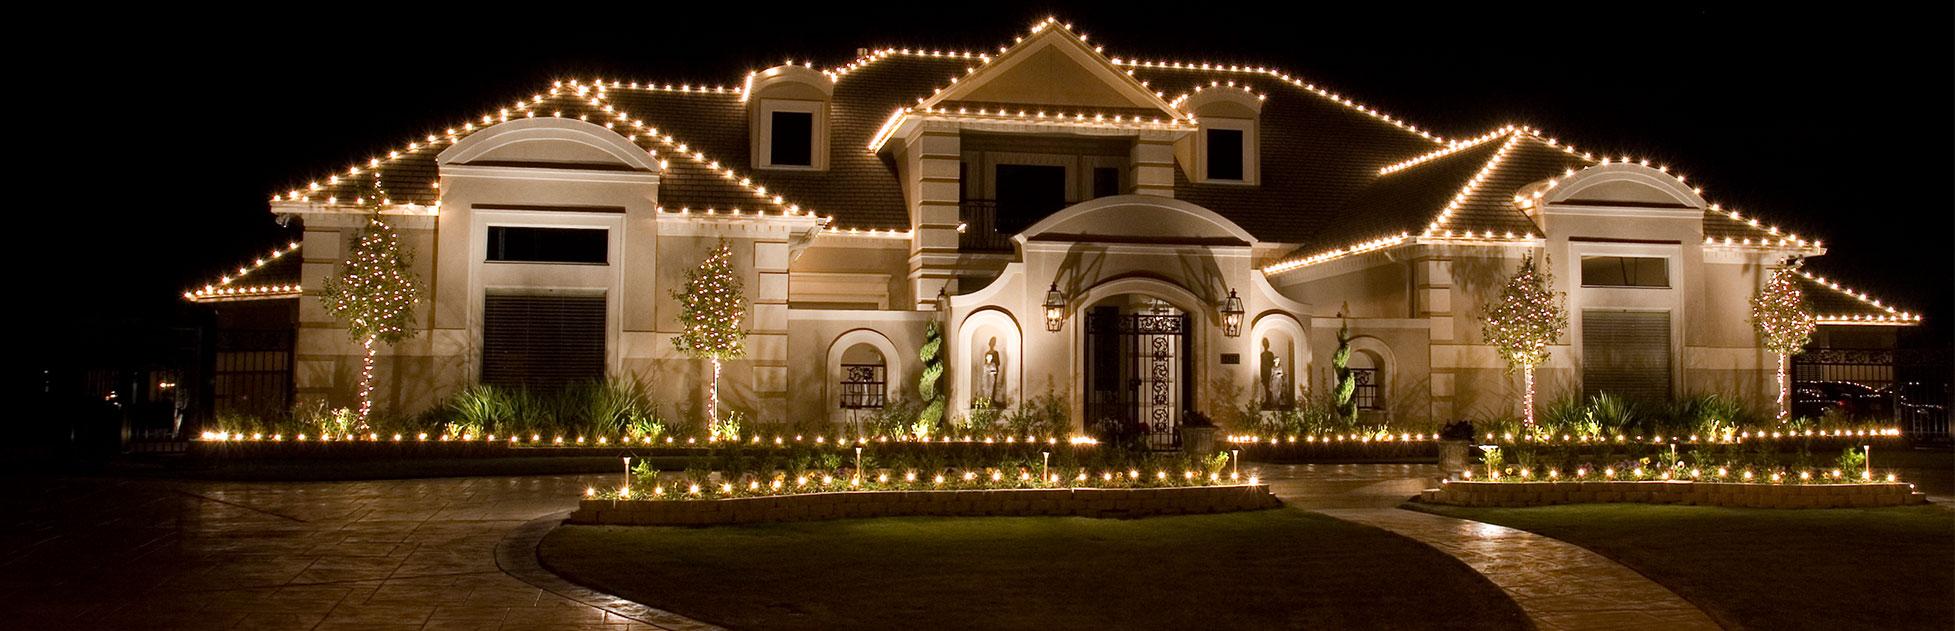 Holiday Event Lighitng | The Lighter Side Special Event Lighting | Wedding  | Corporate | Social | Holiday